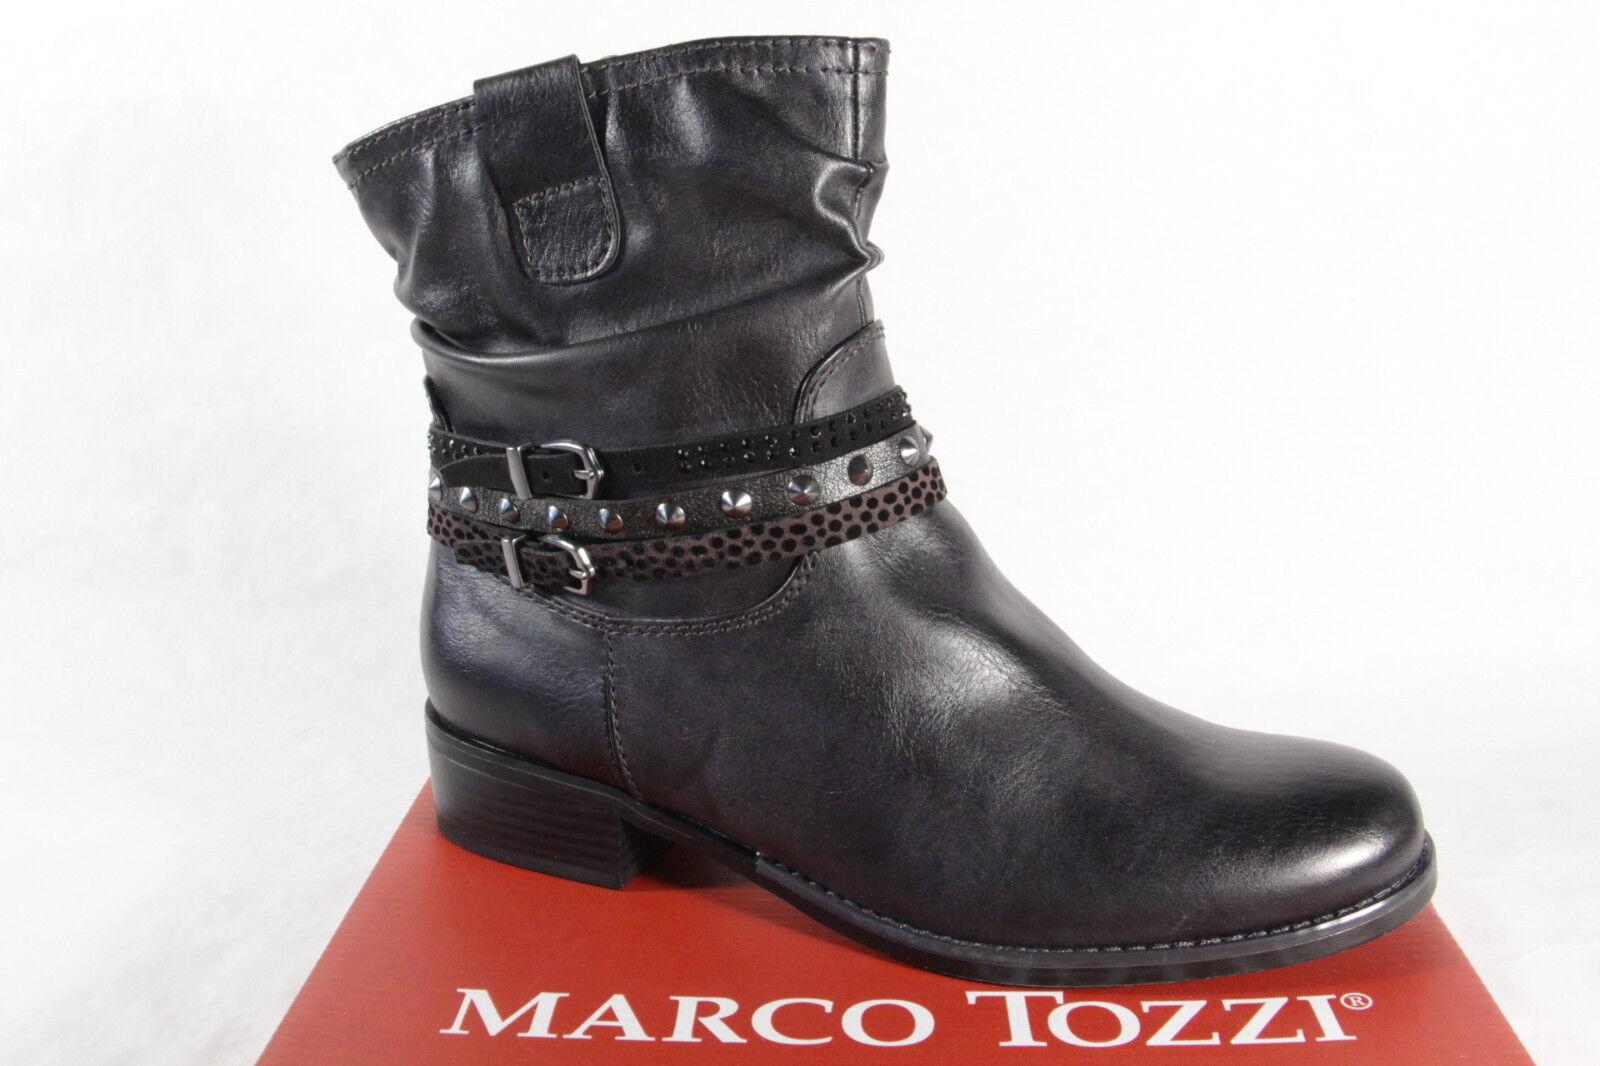 molto popolare Marco Tozzi 25364 Stivali donna, Stivaletti, Stivali neri Antracite NUOVO NUOVO NUOVO  risparmiare sulla liquidazione